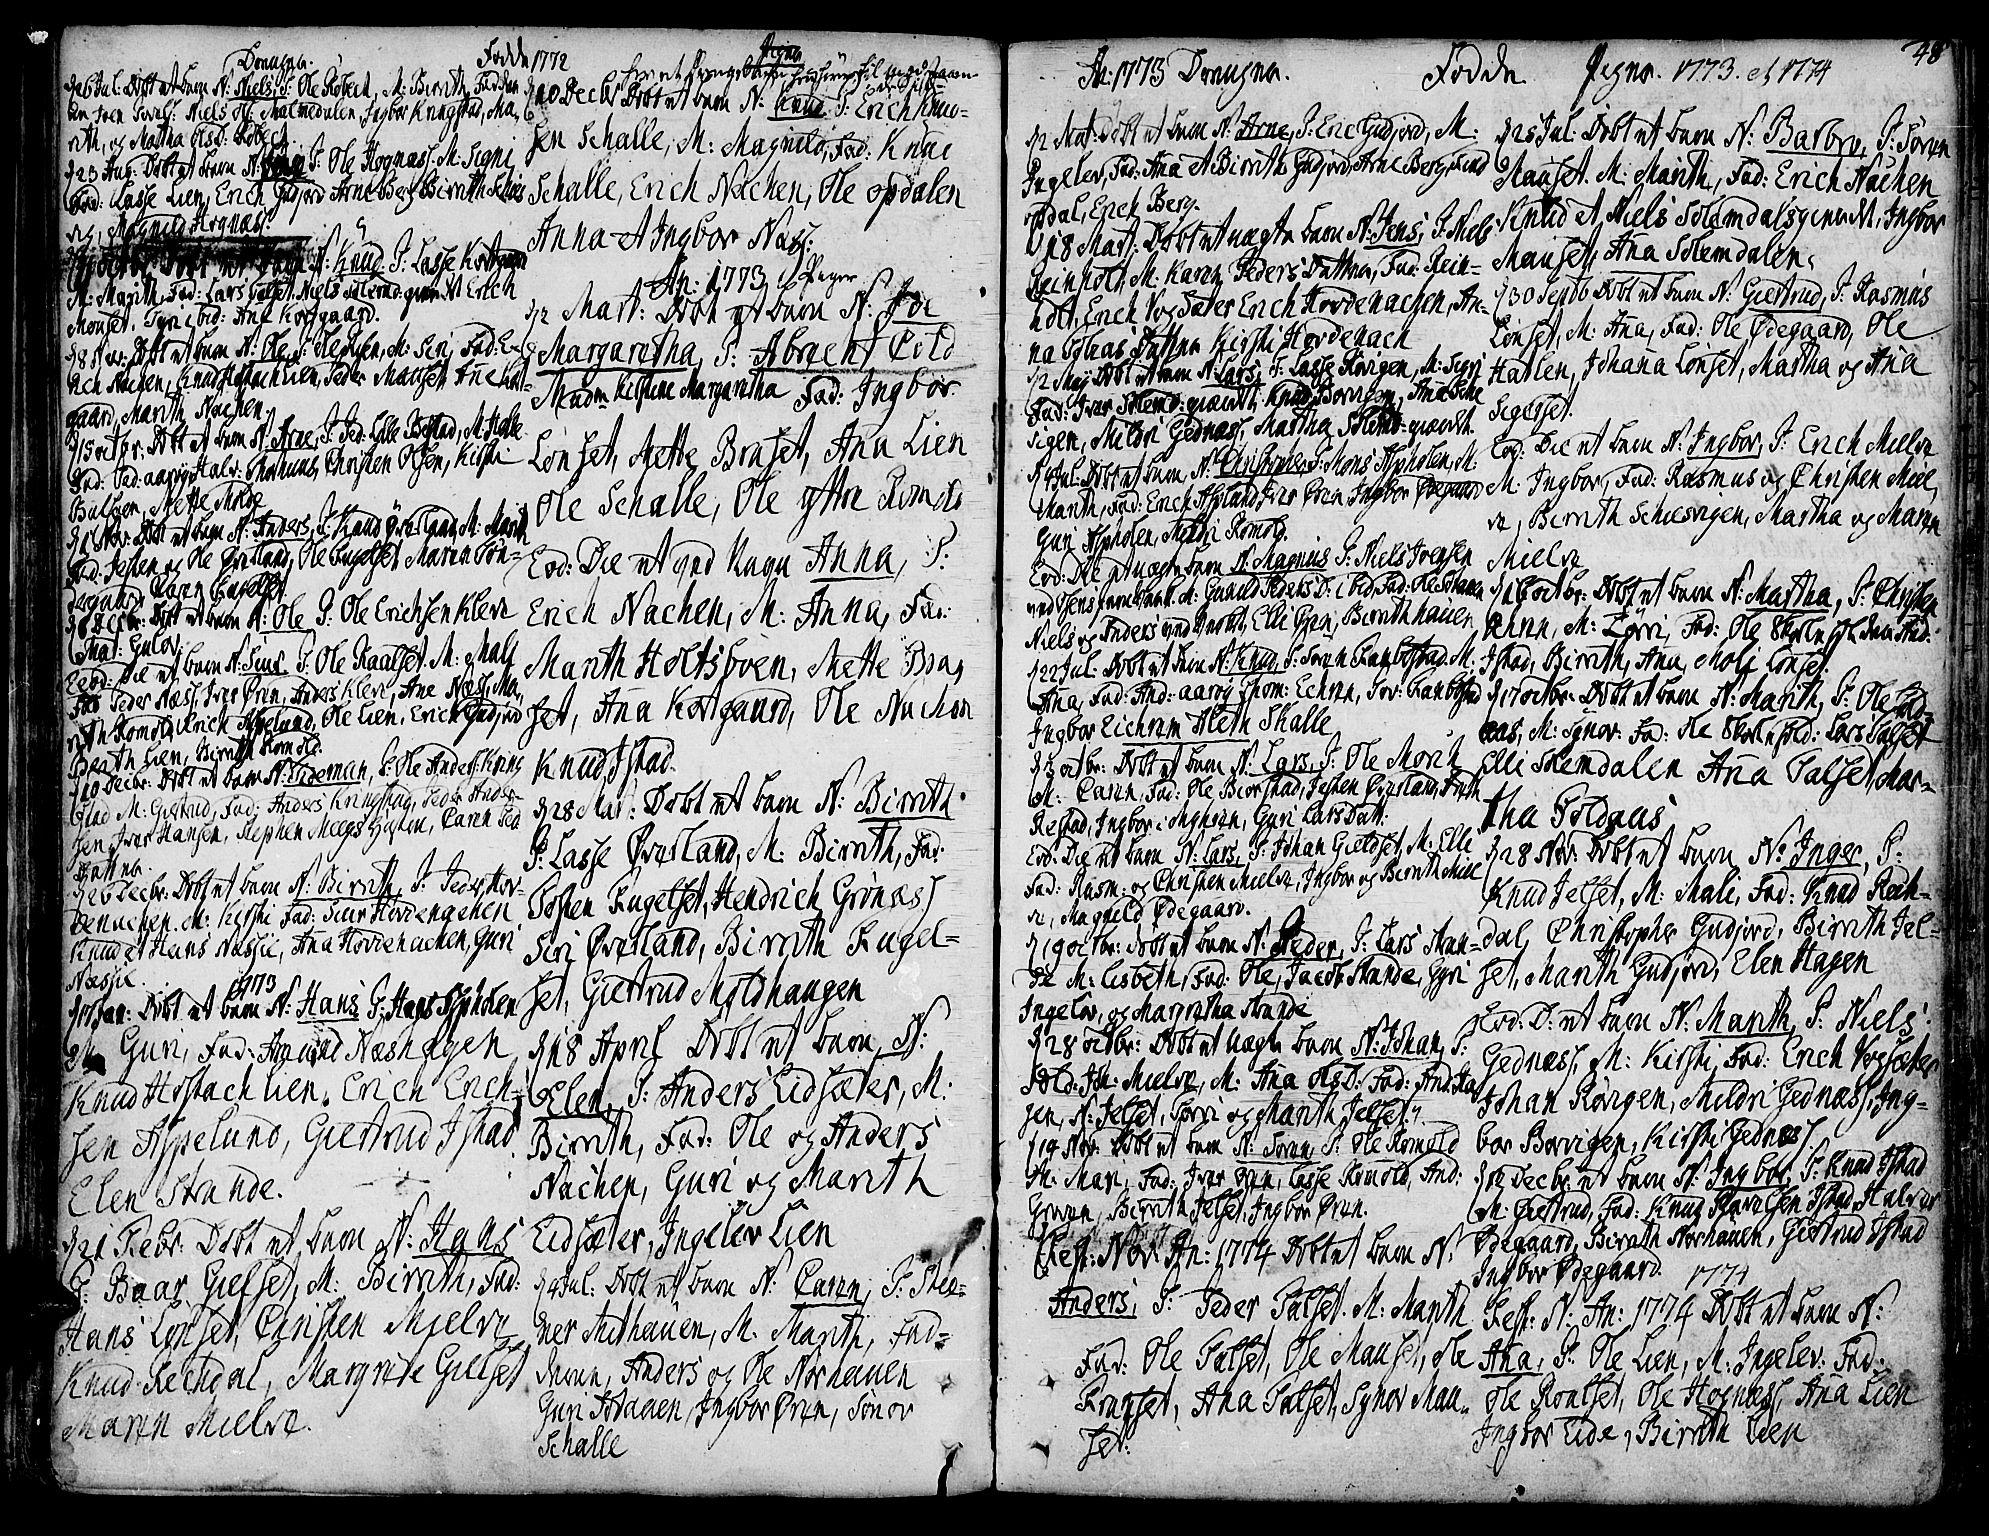 SAT, Ministerialprotokoller, klokkerbøker og fødselsregistre - Møre og Romsdal, 555/L0648: Ministerialbok nr. 555A01, 1759-1793, s. 48